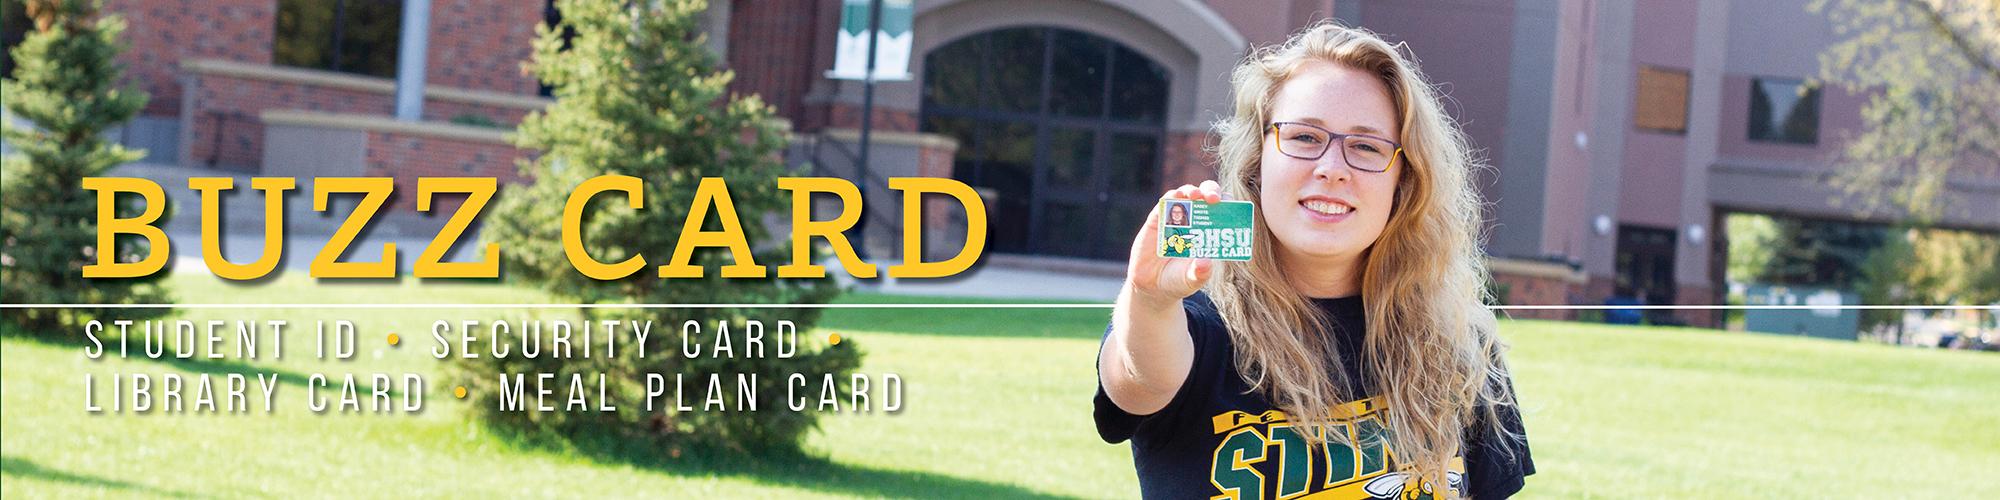 Buzzcard at BHSU